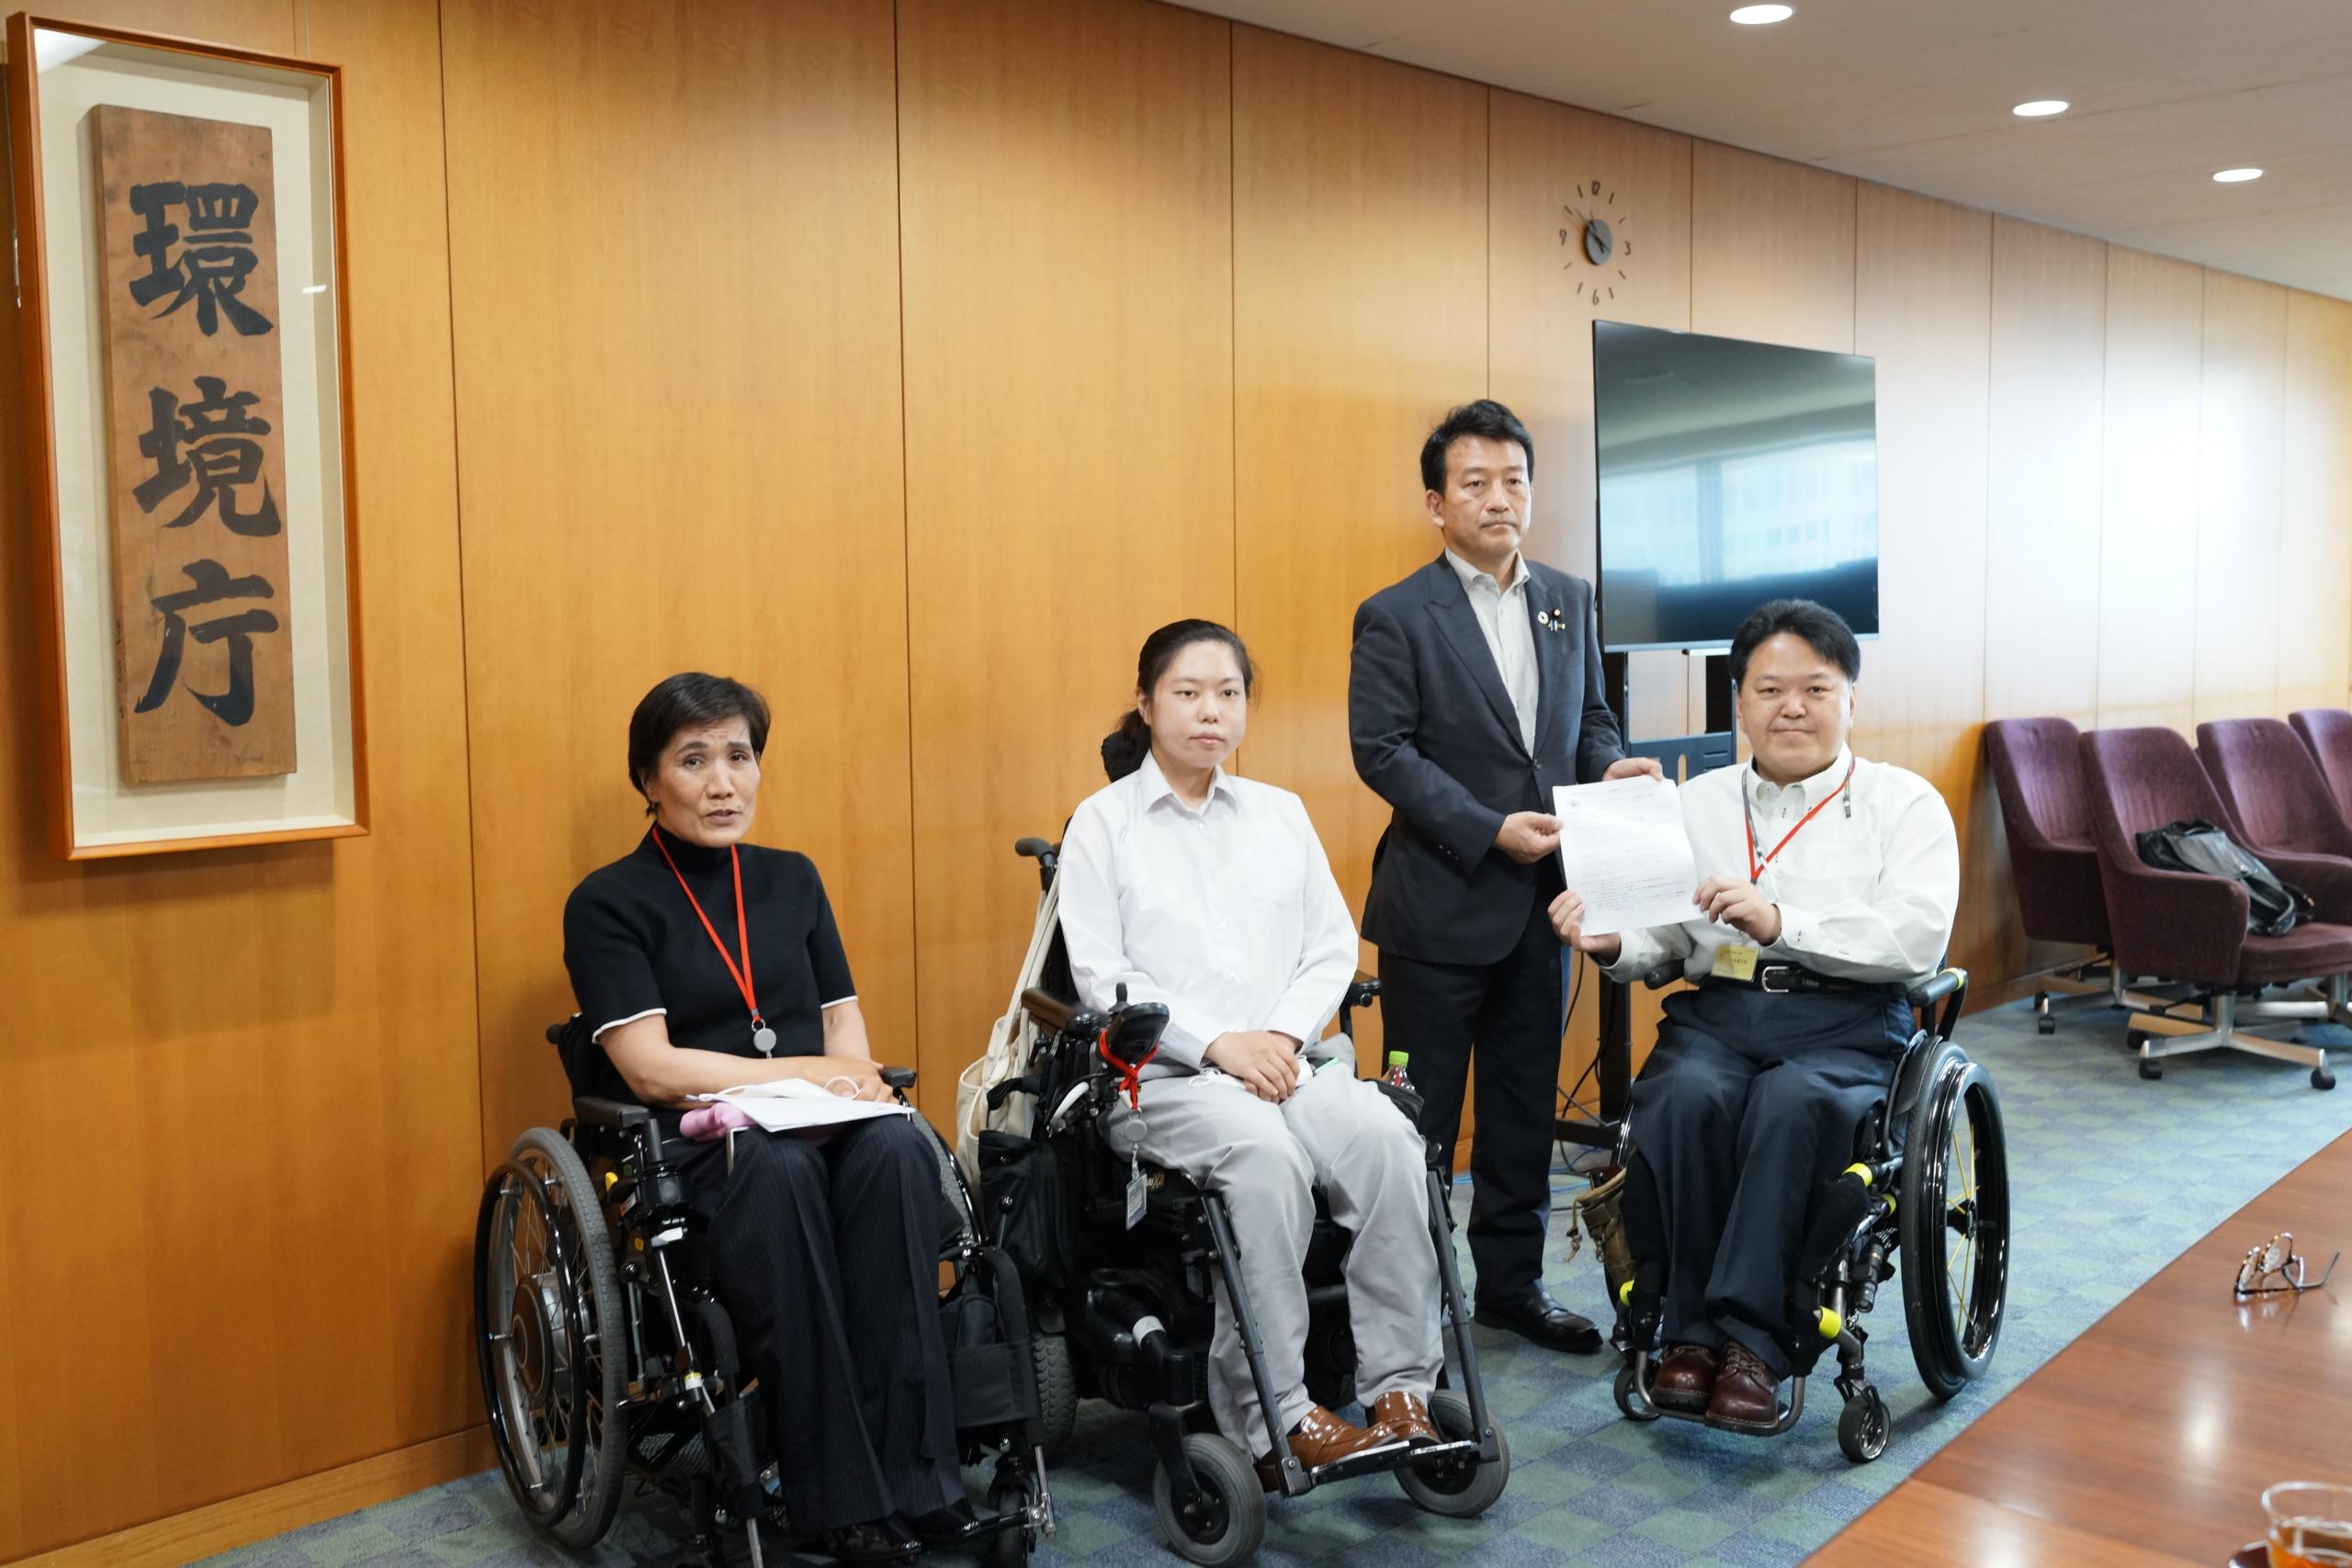 笹川副大臣と佐藤事務局長、山嵜副部会長、工藤部会メンバー